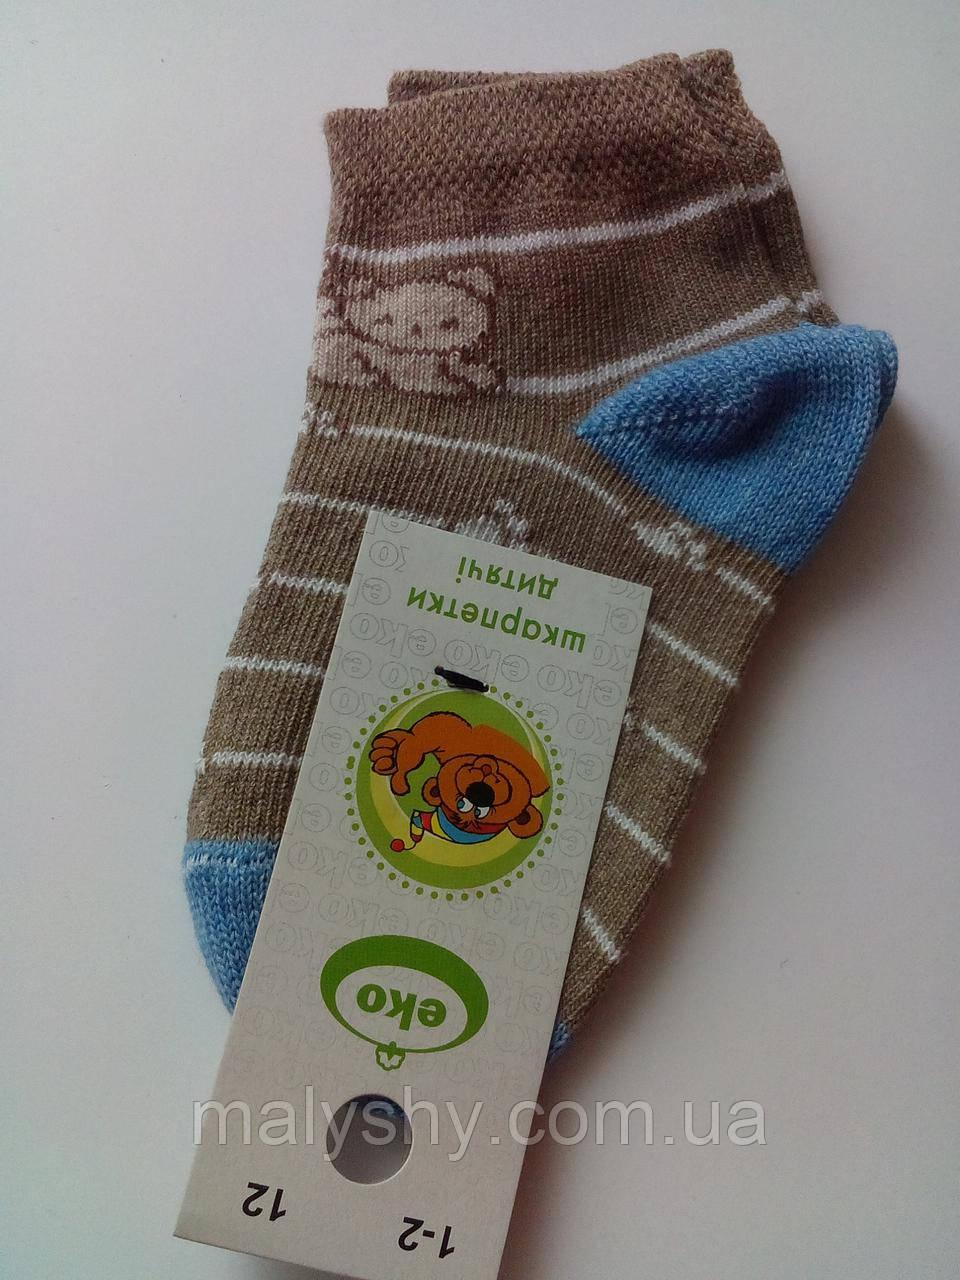 a7e3c0c06ff8e Детские носки демисезонные - Еко 4133 р.12 (шкарпетки дитячі) - Интернет-